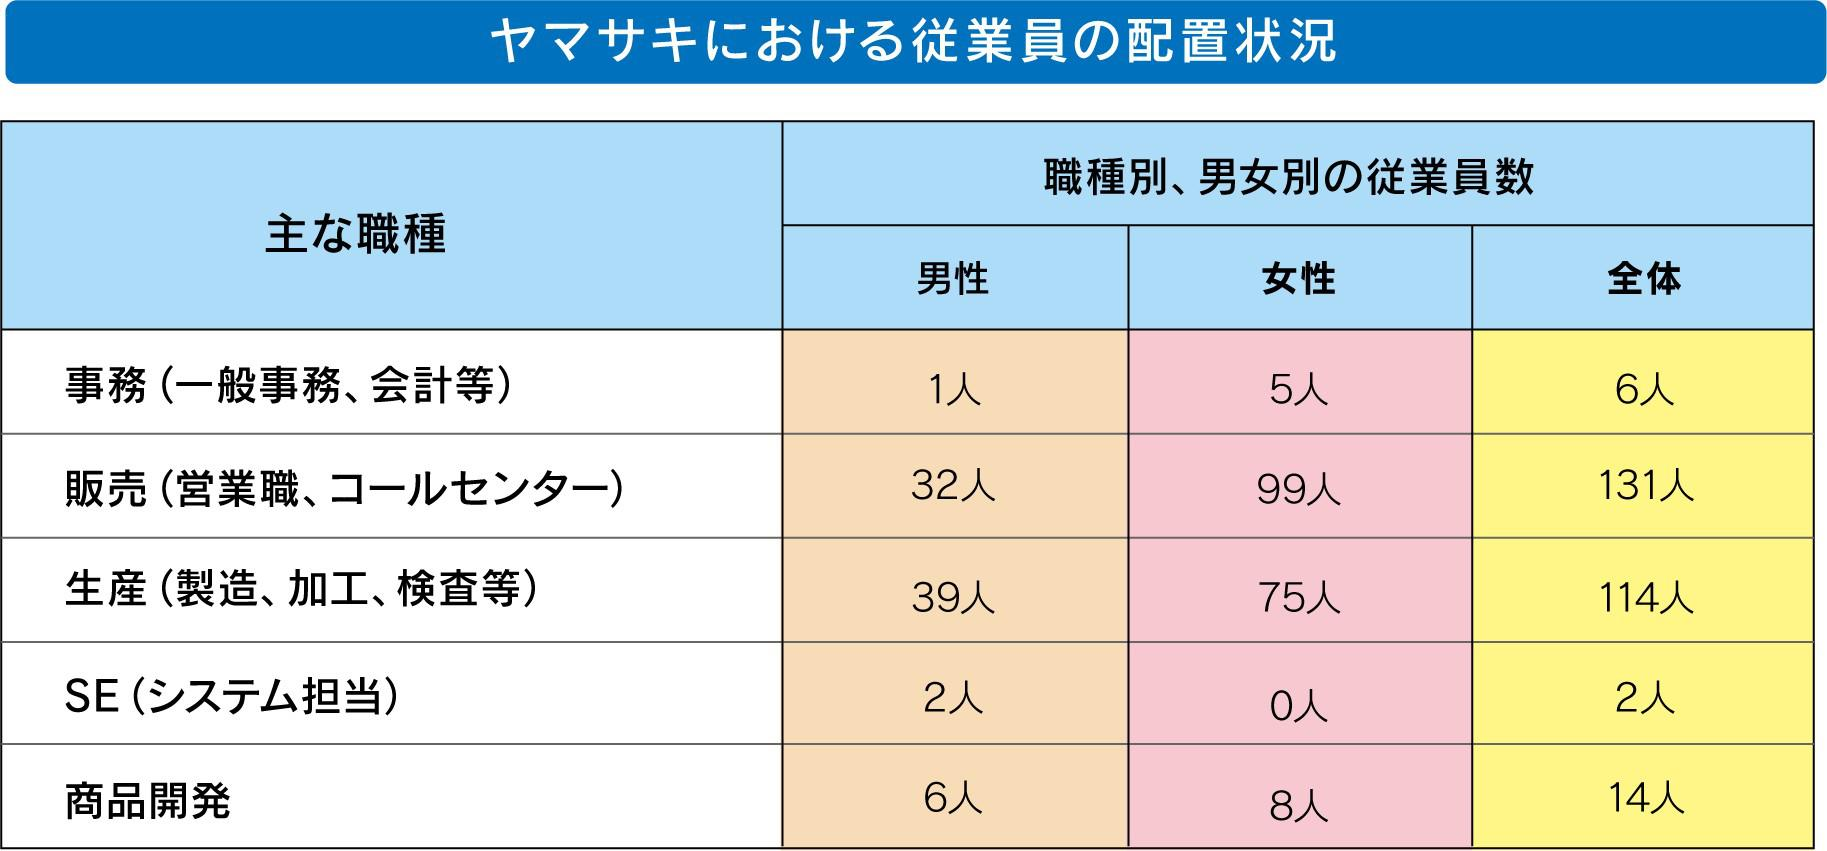 http://hint-hiroshima.com/keiei/upload/type2_yamasaki_4.jpg